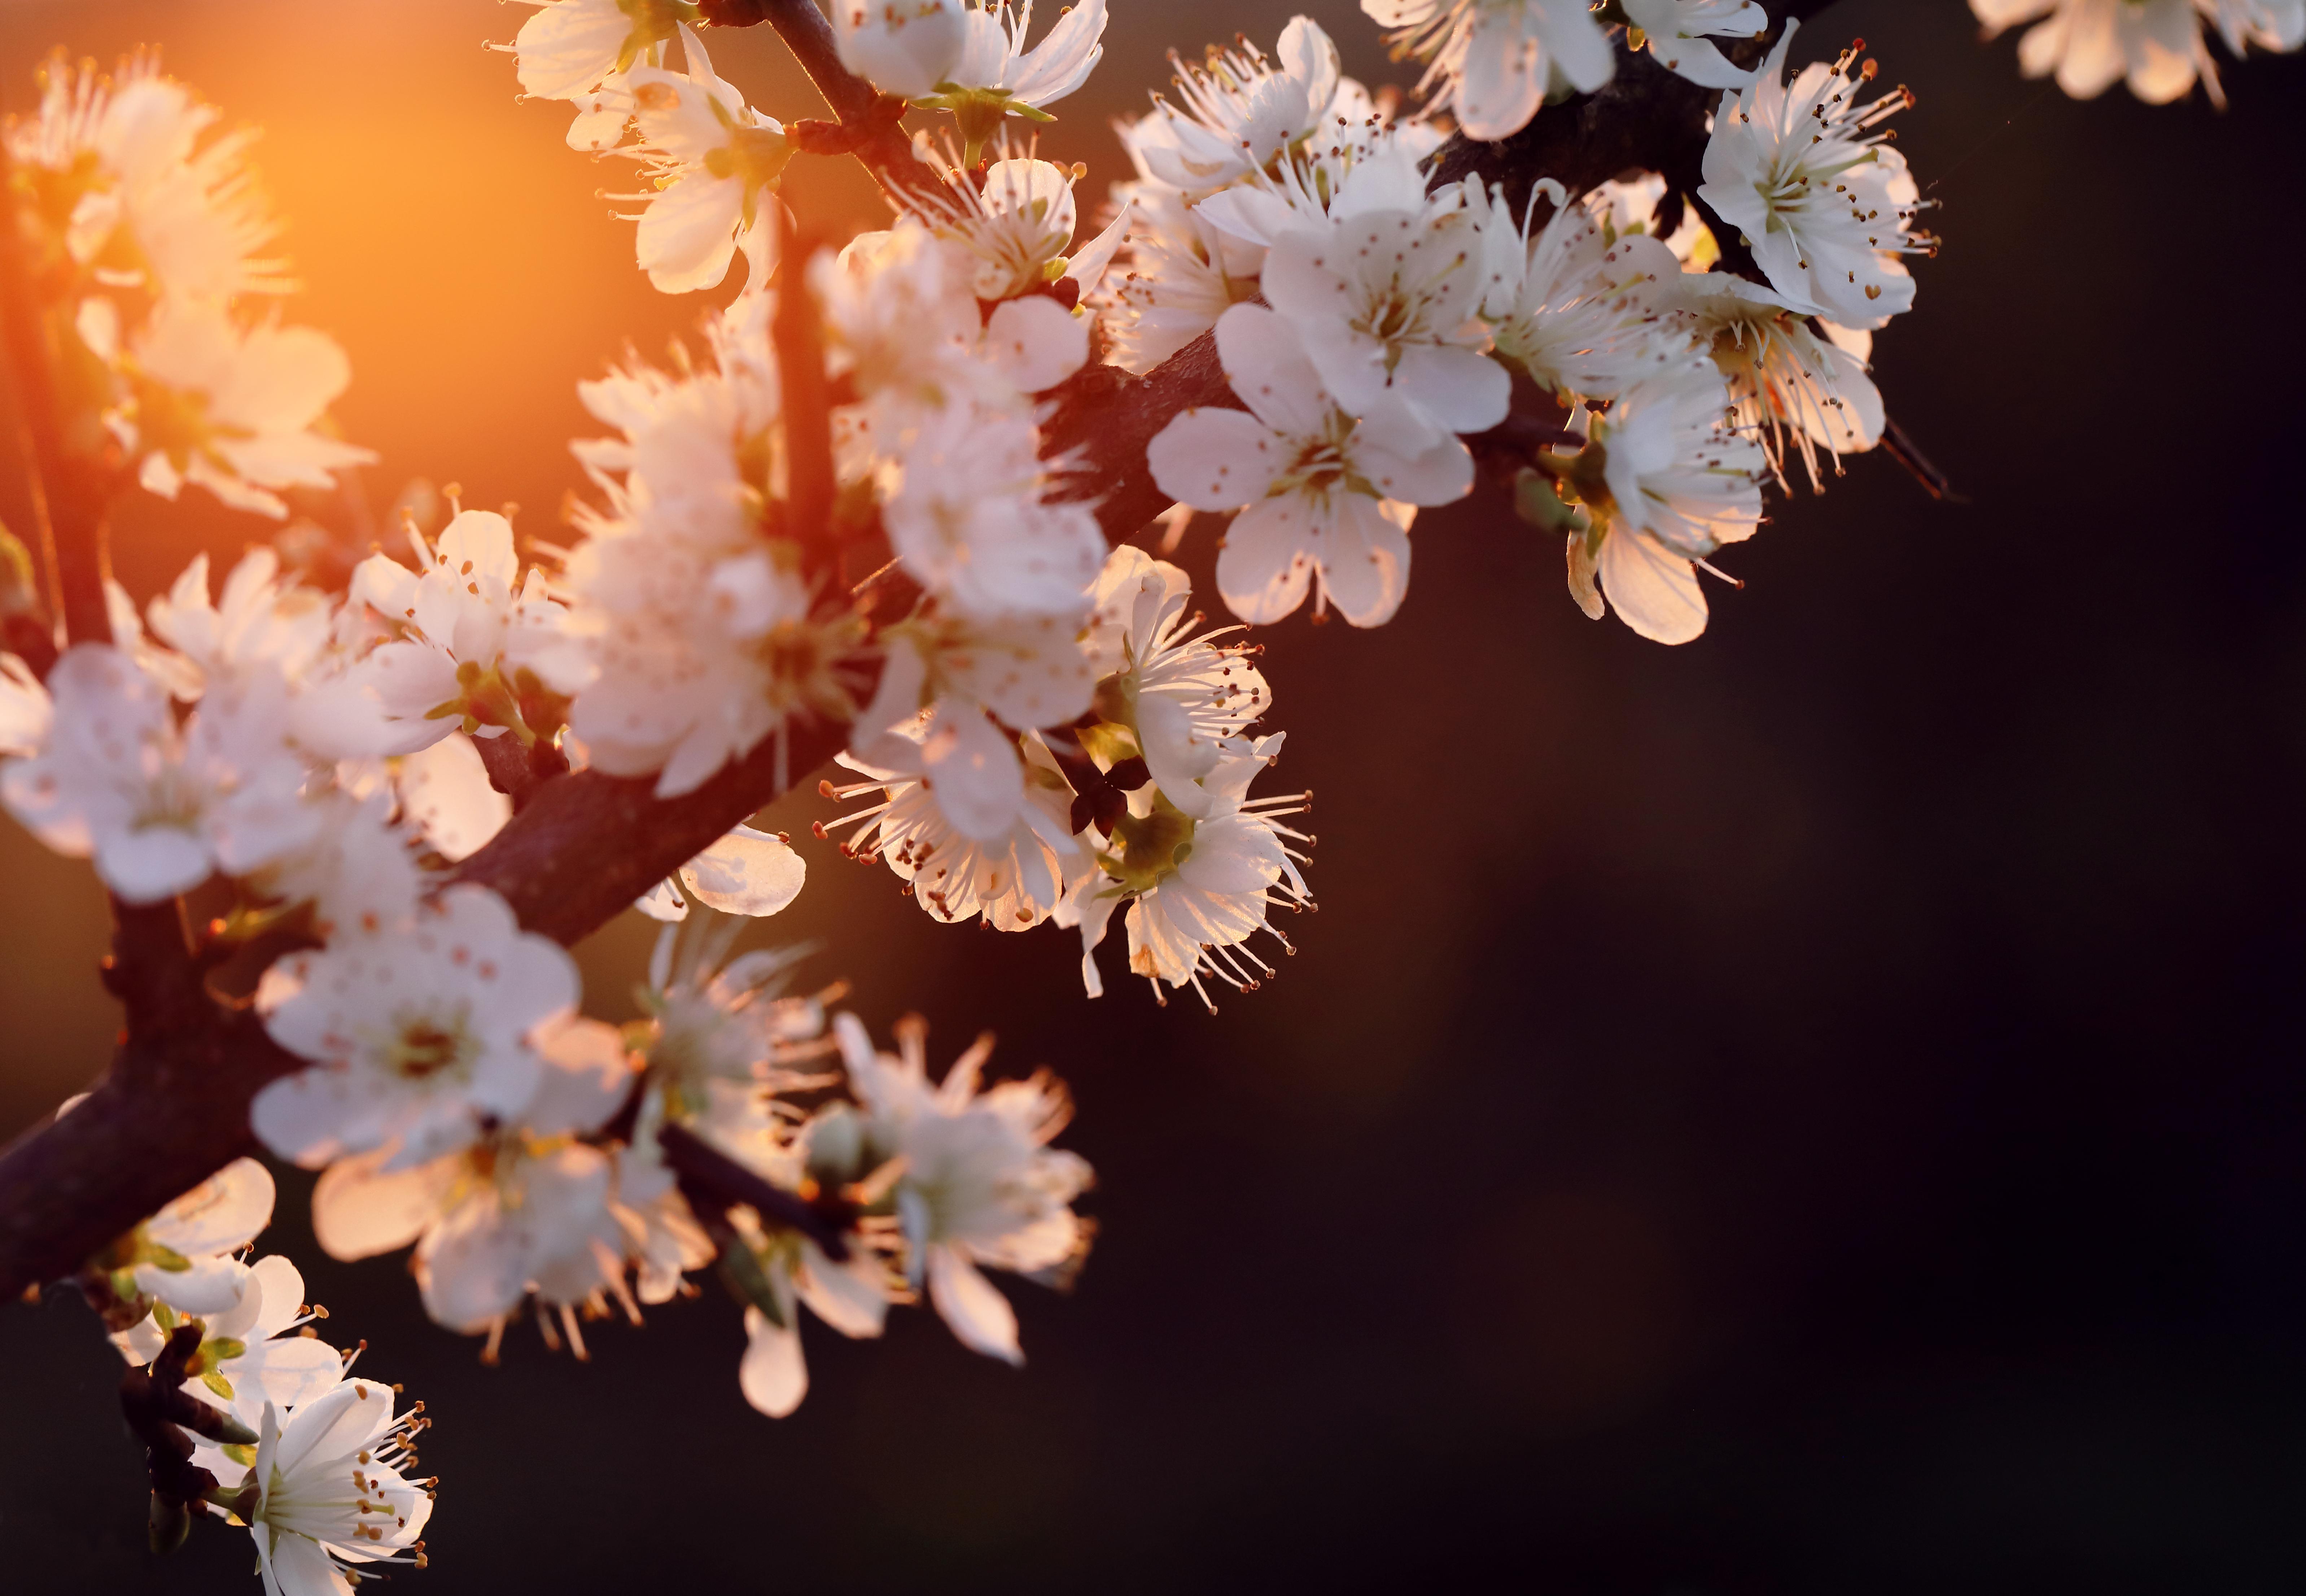 cherry blossom 4k 1606577702 - Cherry Blossom 4k - Cherry Blossom 4k wallpapers